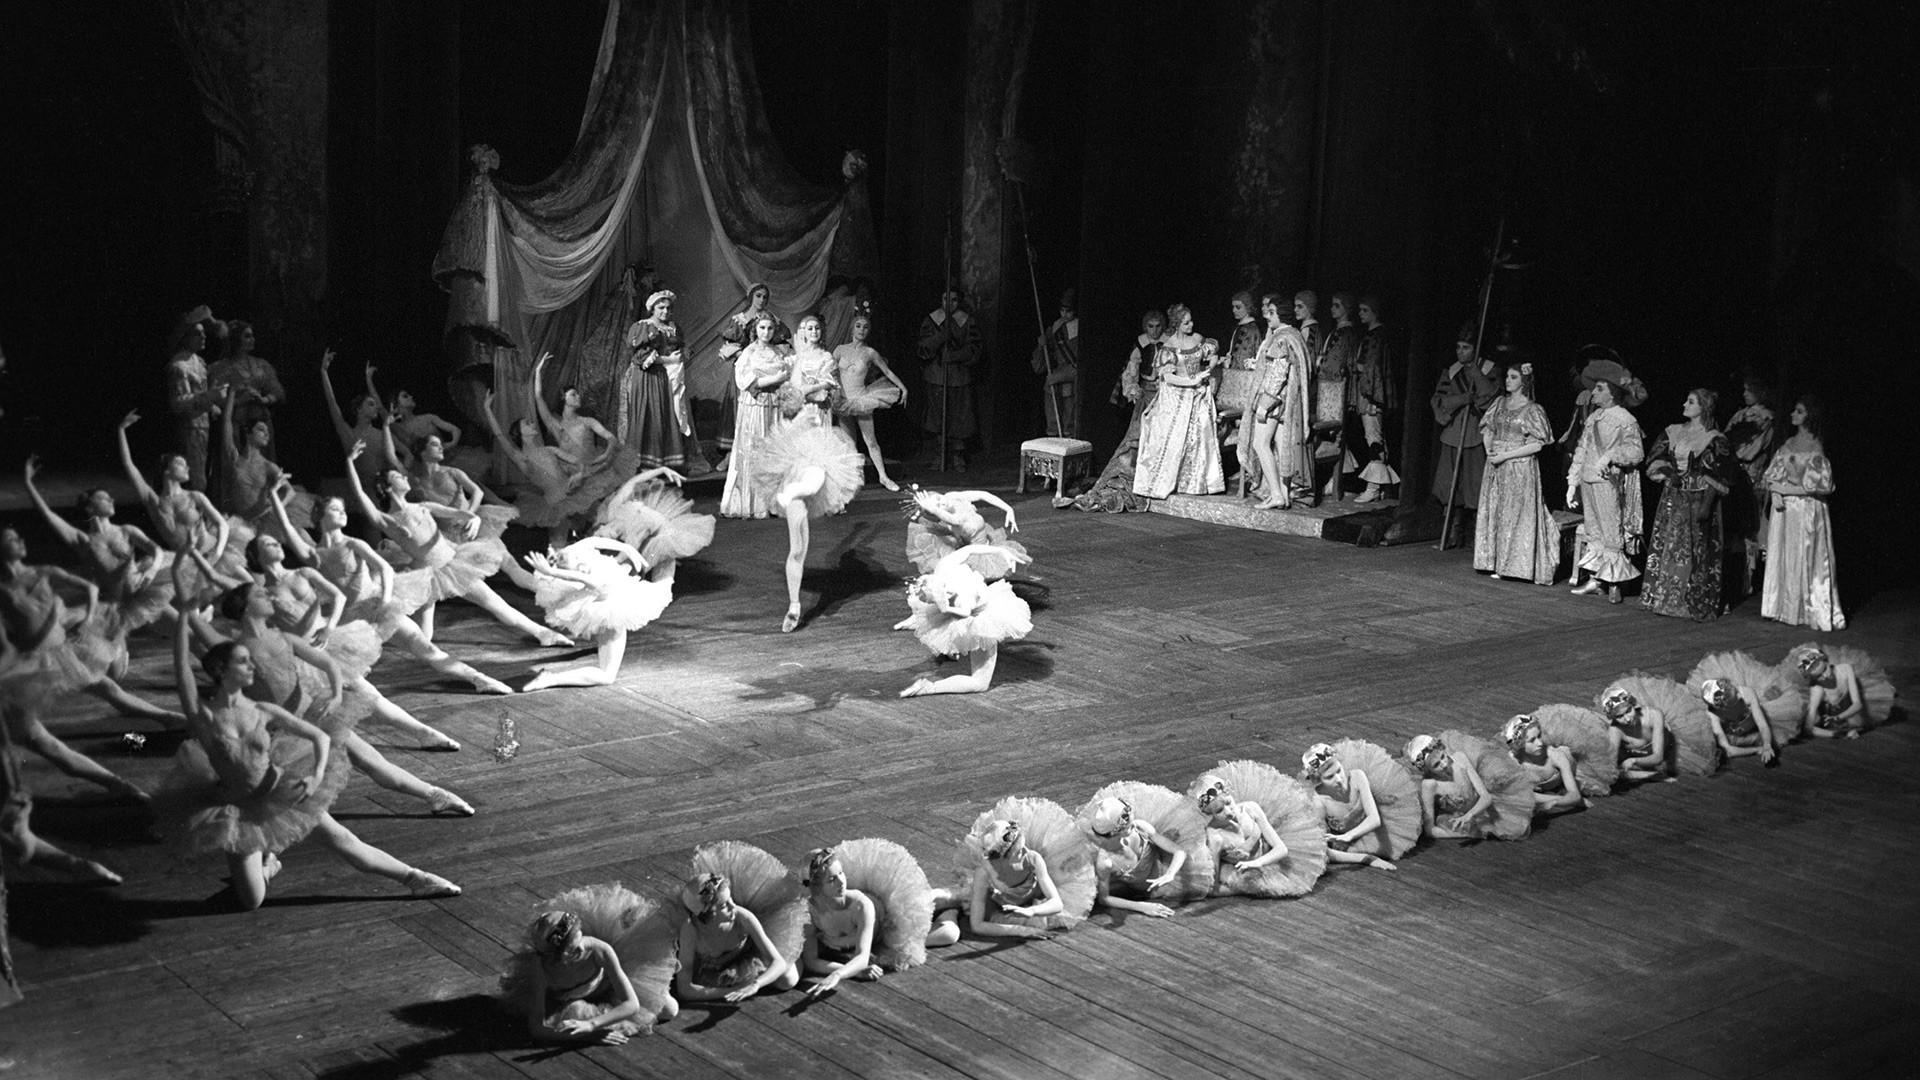 Le Théâtre d'opéra et de ballet Kirov, le ballet La Belle au bois dormant. Chorégraphie par Marius Petipa